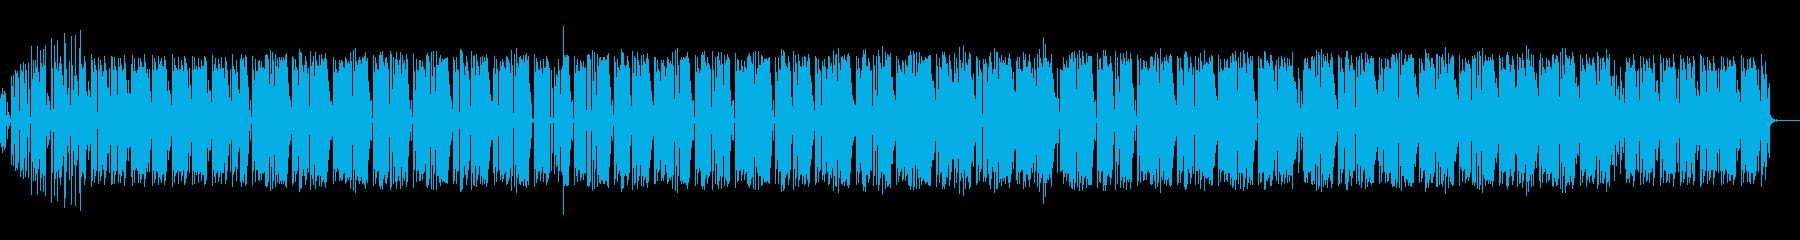 トラップ ヒップホップ 積極的 焦...の再生済みの波形